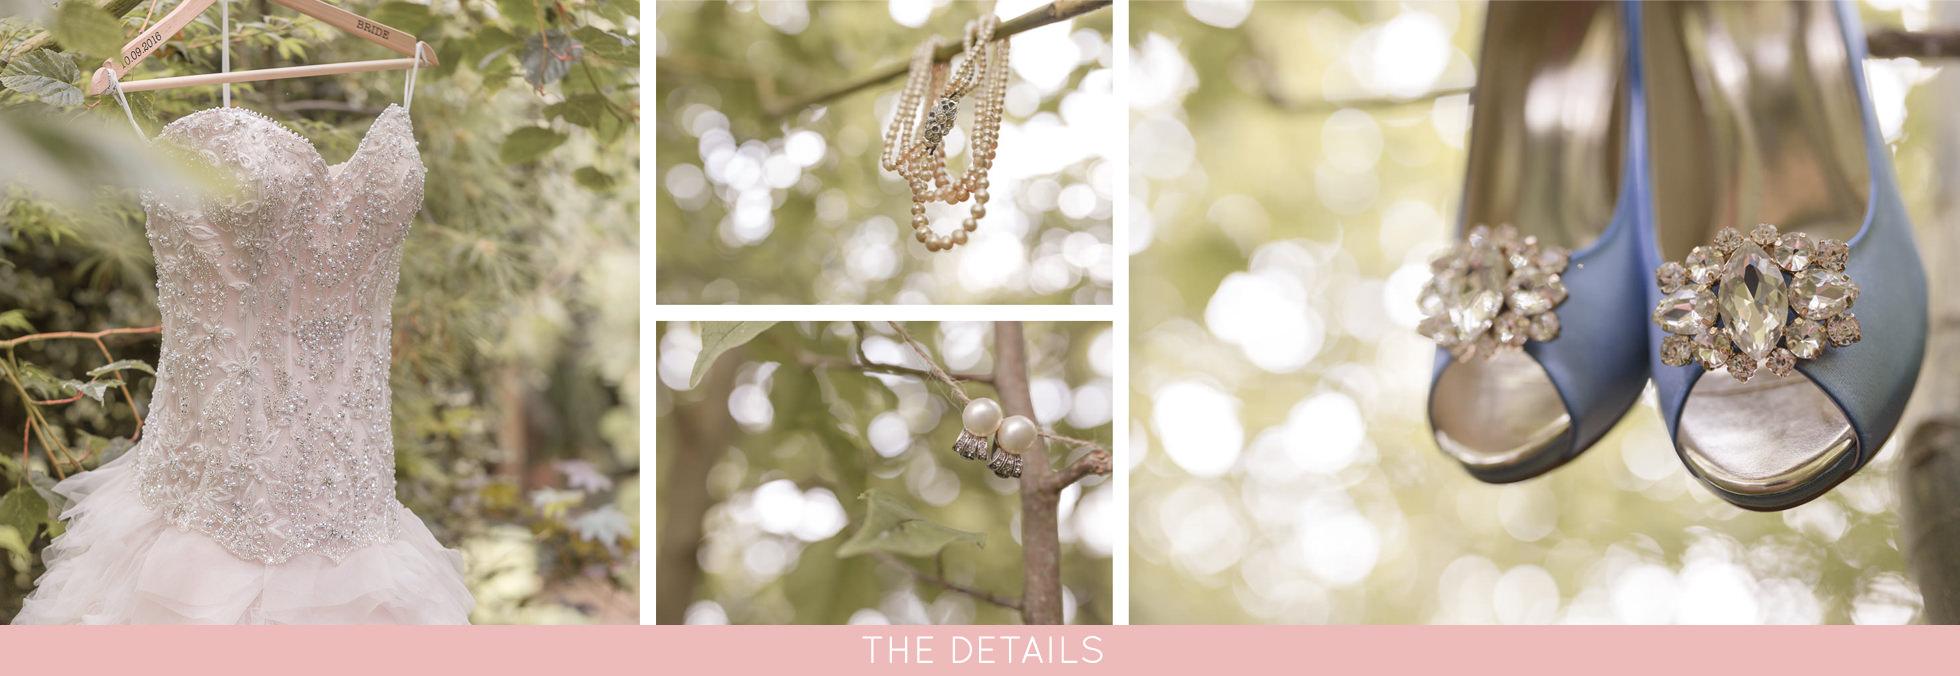 detail shots at weddings